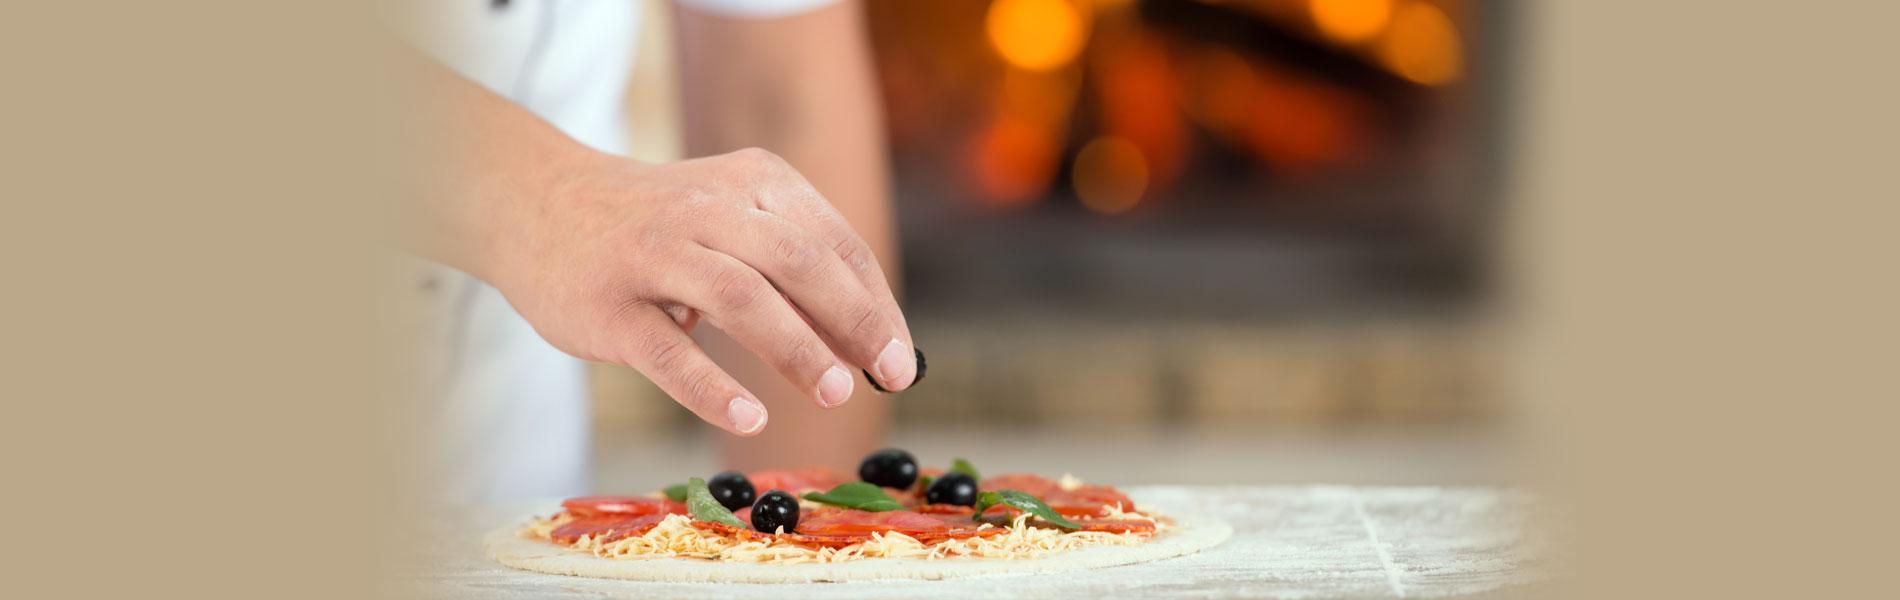 Pizzaiolo-farina-pizzeria